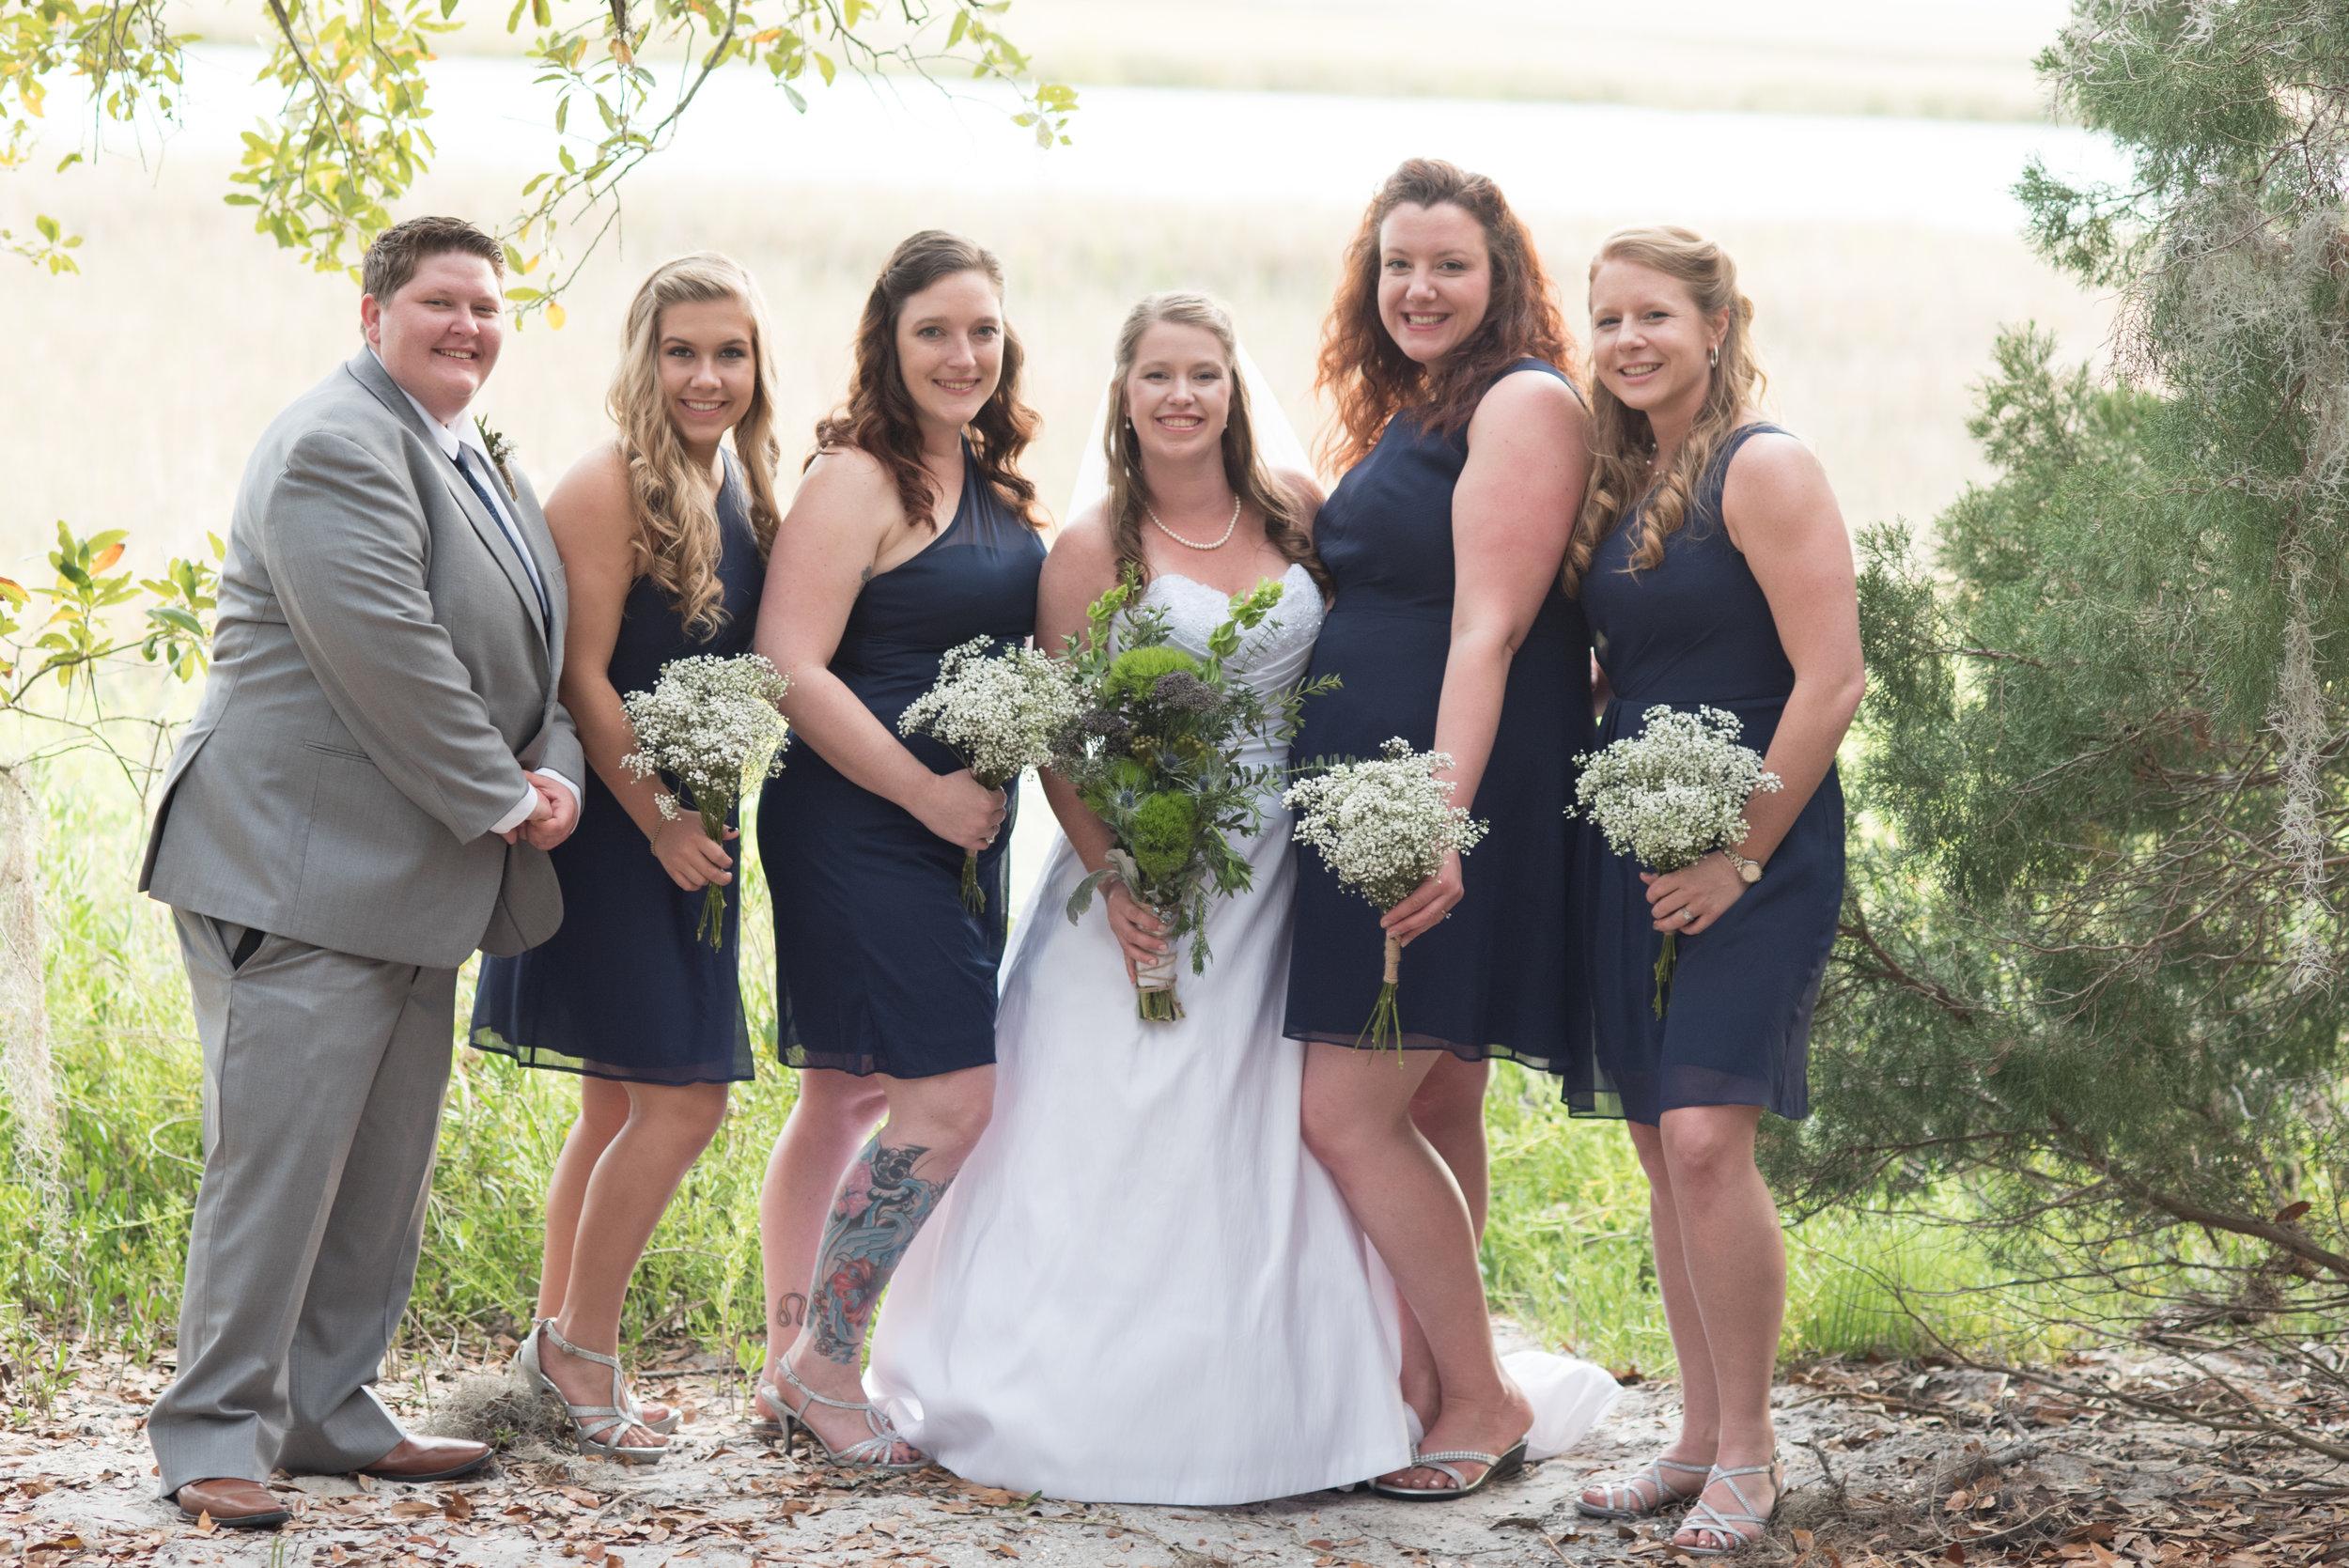 CAra & Chris bridal party photo